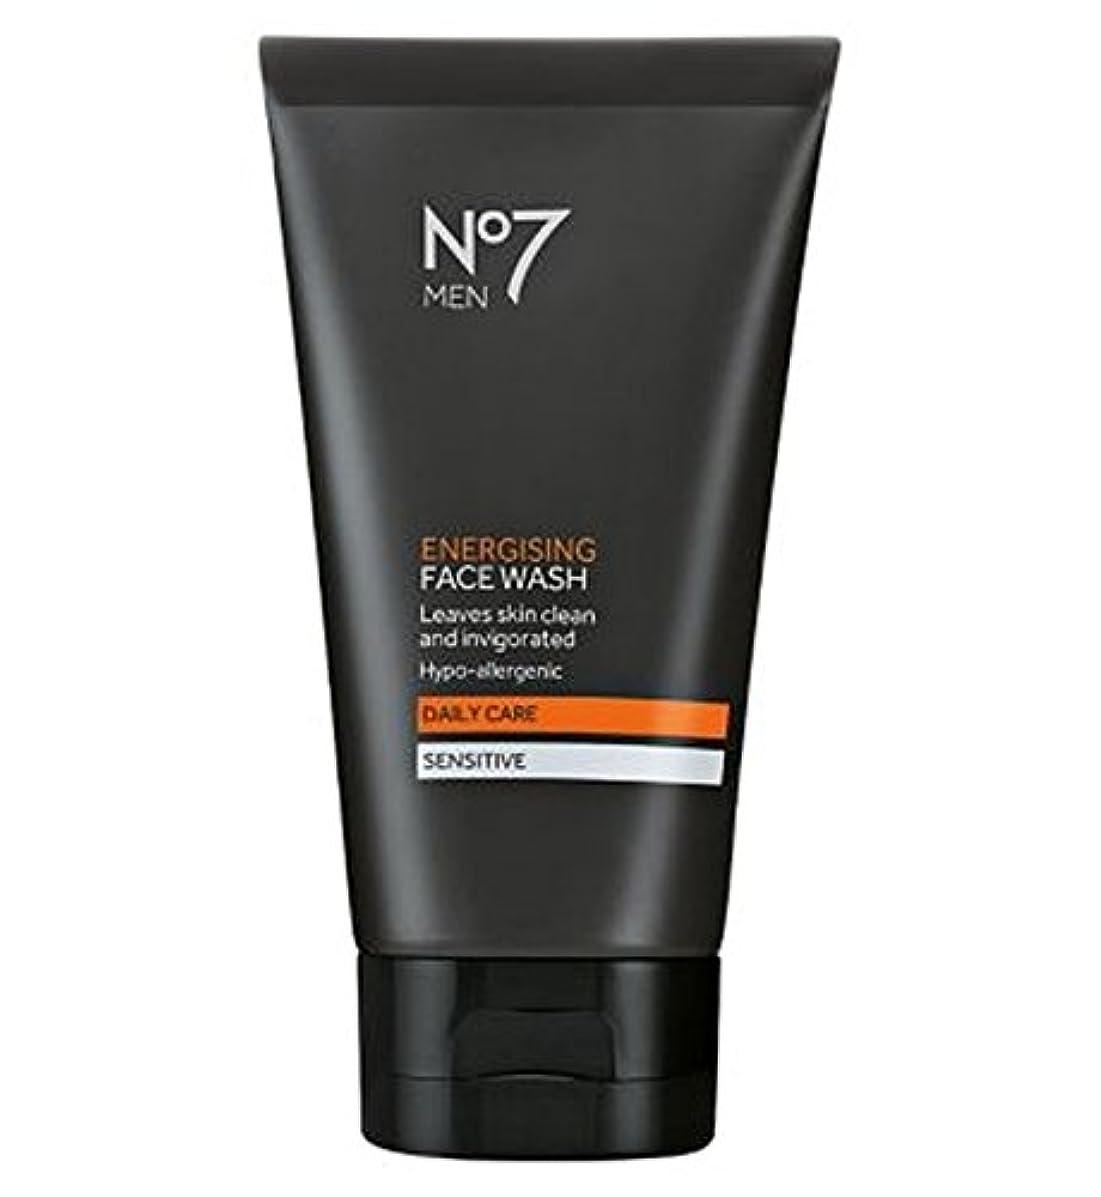 ぞっとするような決済かけるNo7 Men Energising Face Wash 150ml - 洗顔料の150ミリリットルを通電No7の男性 (No7) [並行輸入品]